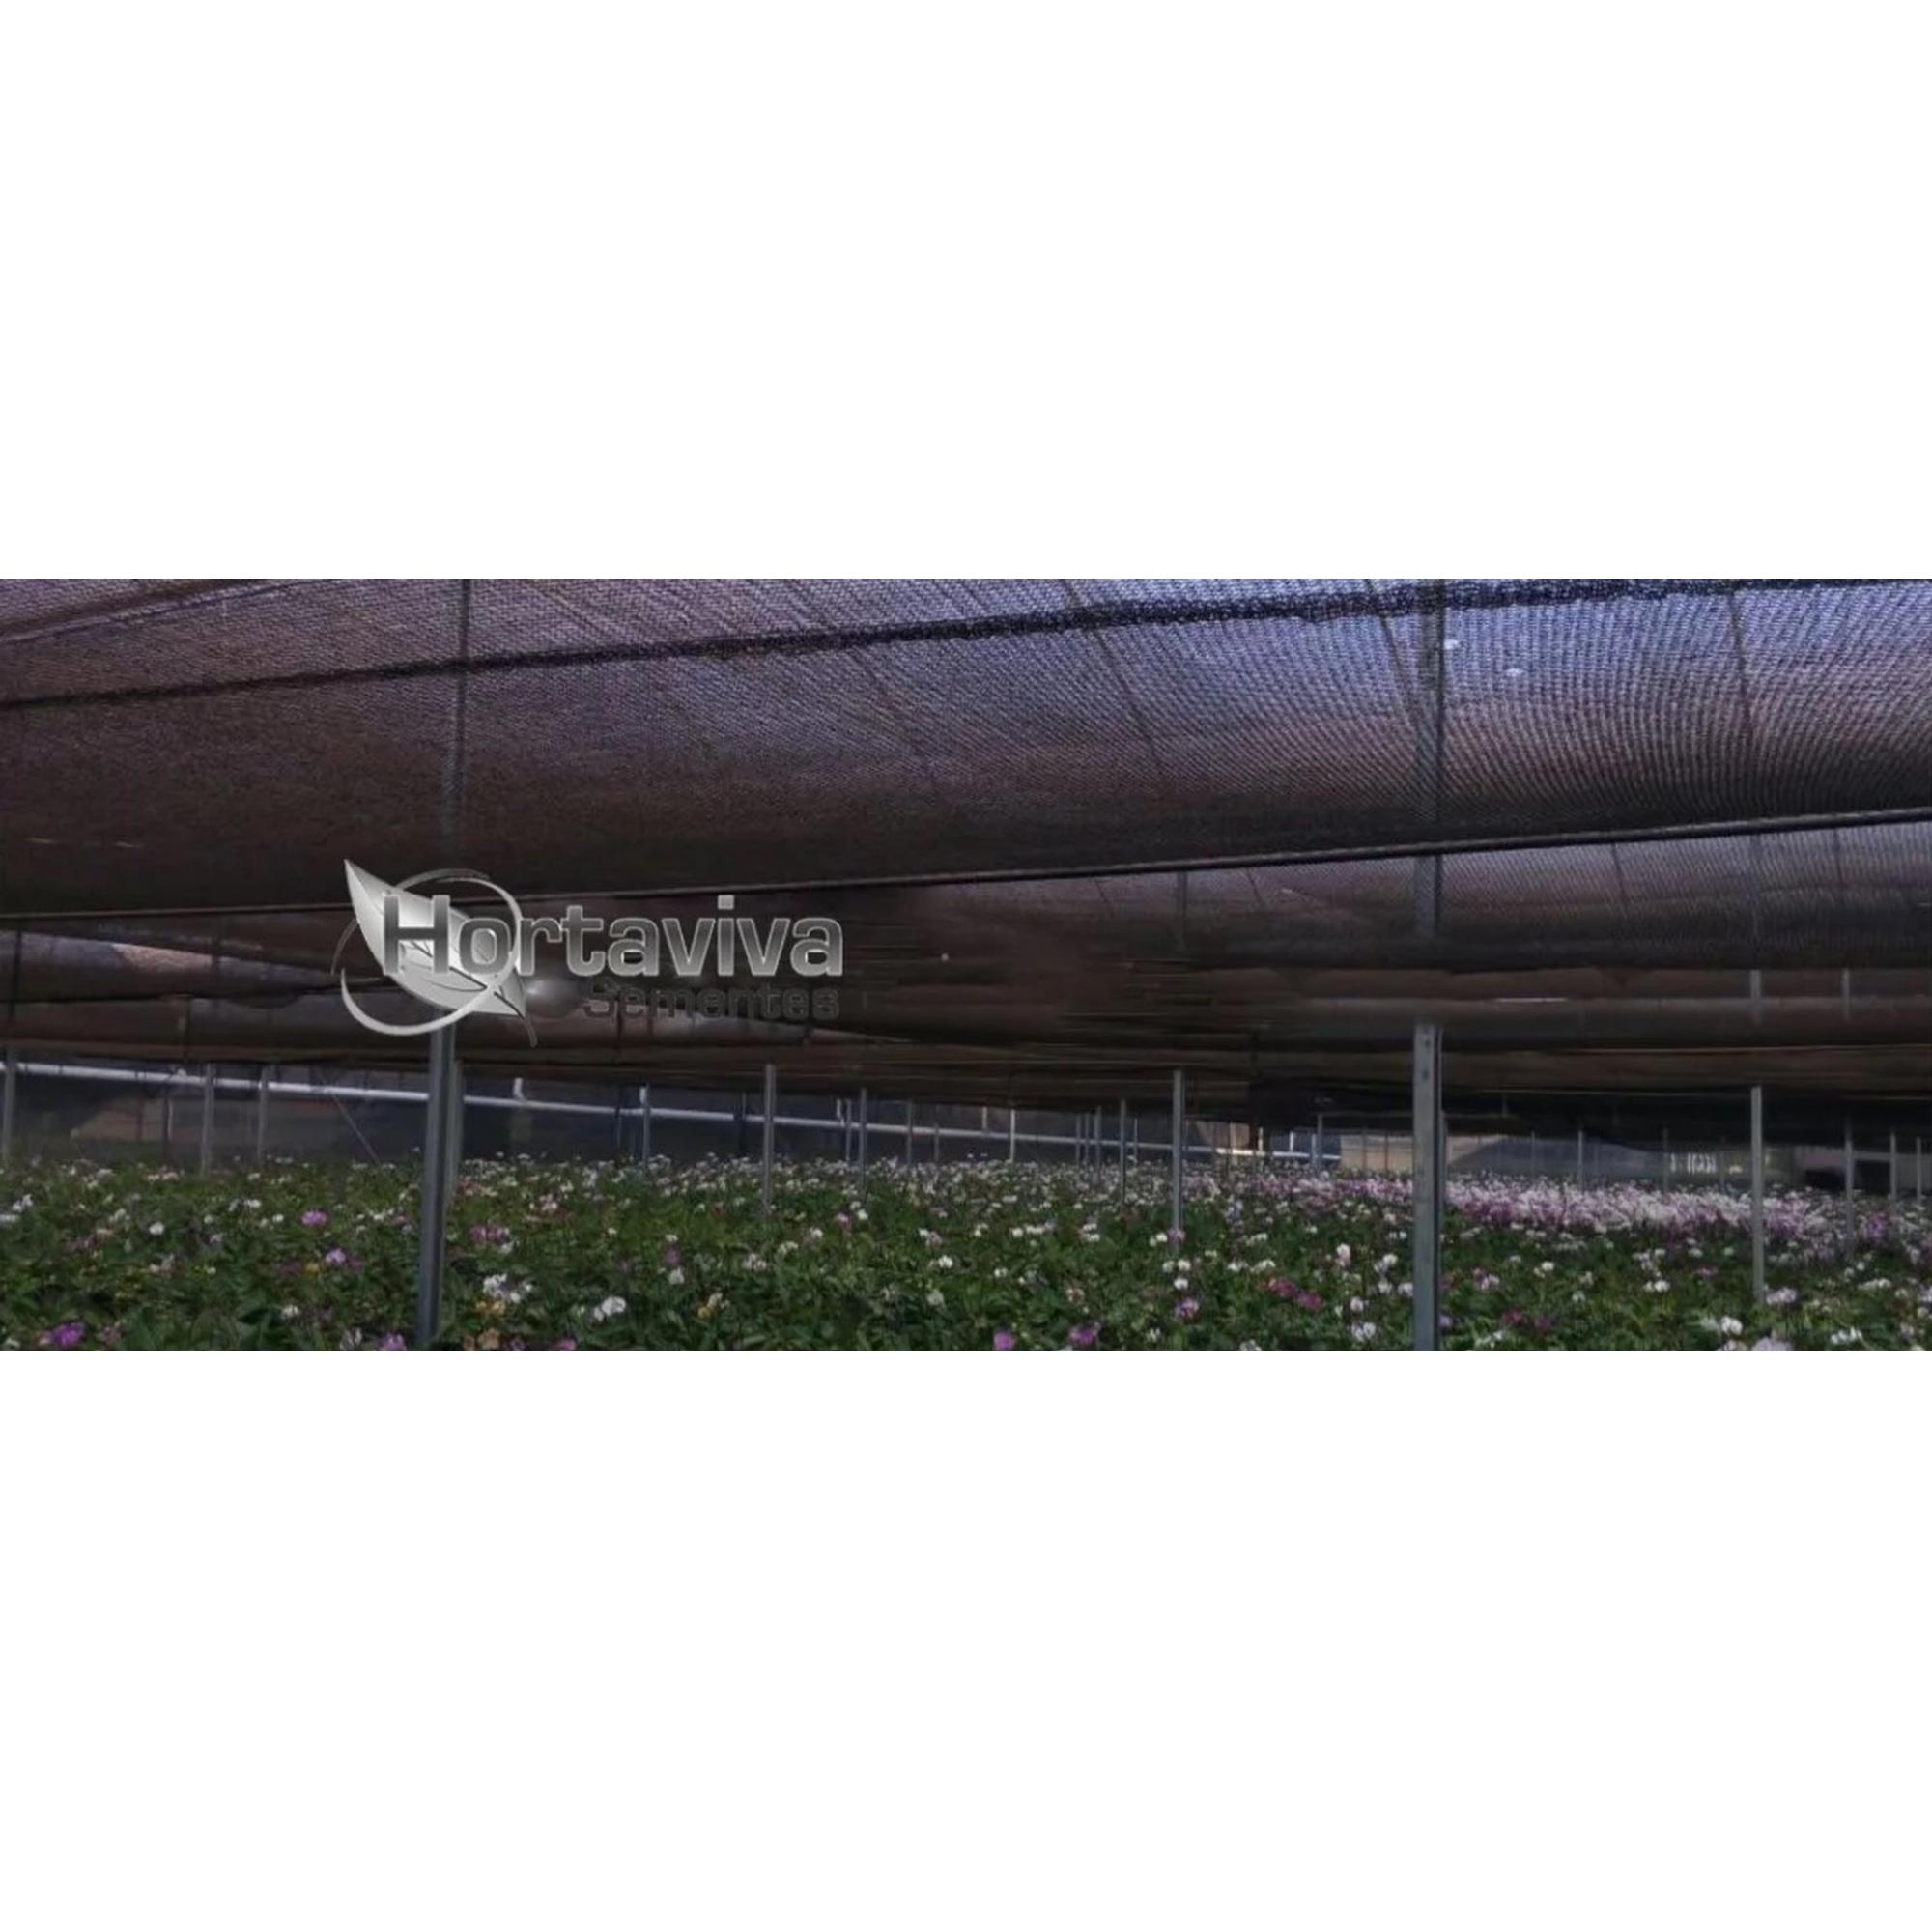 Tela de Sombreamento Preta 50% - 3 Metros x 45 Metros